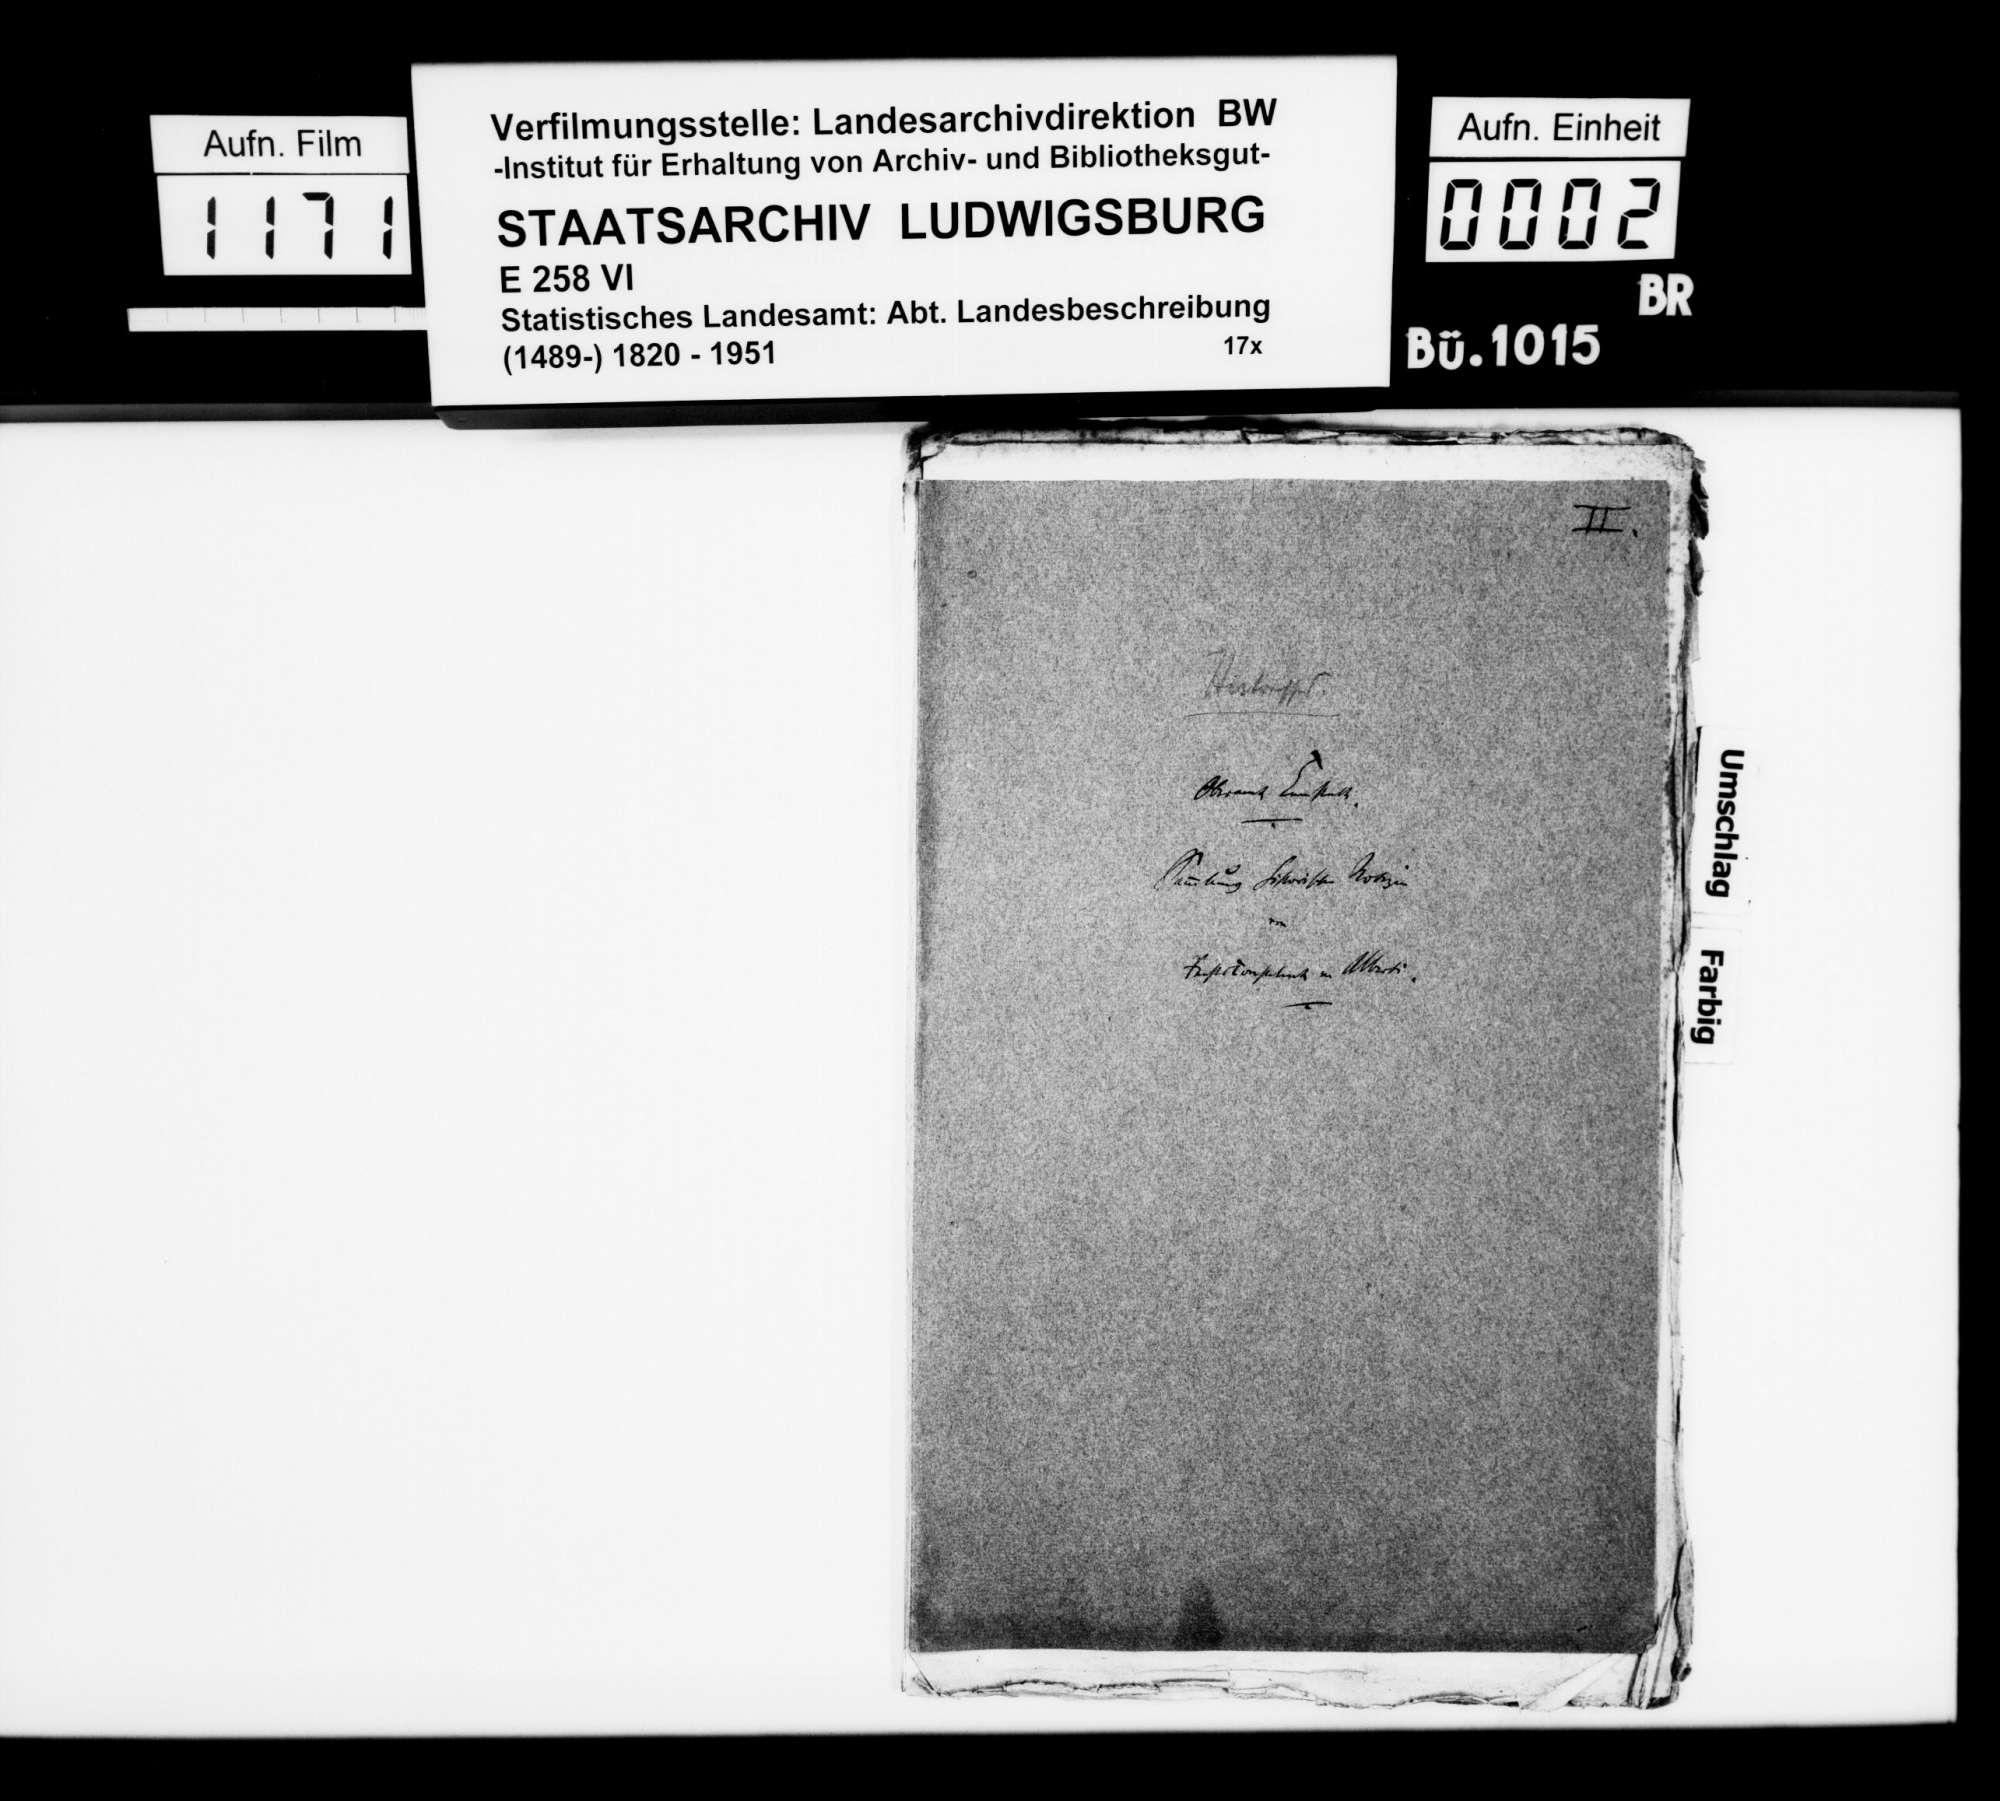 Historiographische Kollektaneen des Rechtskonsulenten [Karl] von Alberti zur Adels- und Burgengeschichte im Oberamt, Bild 1